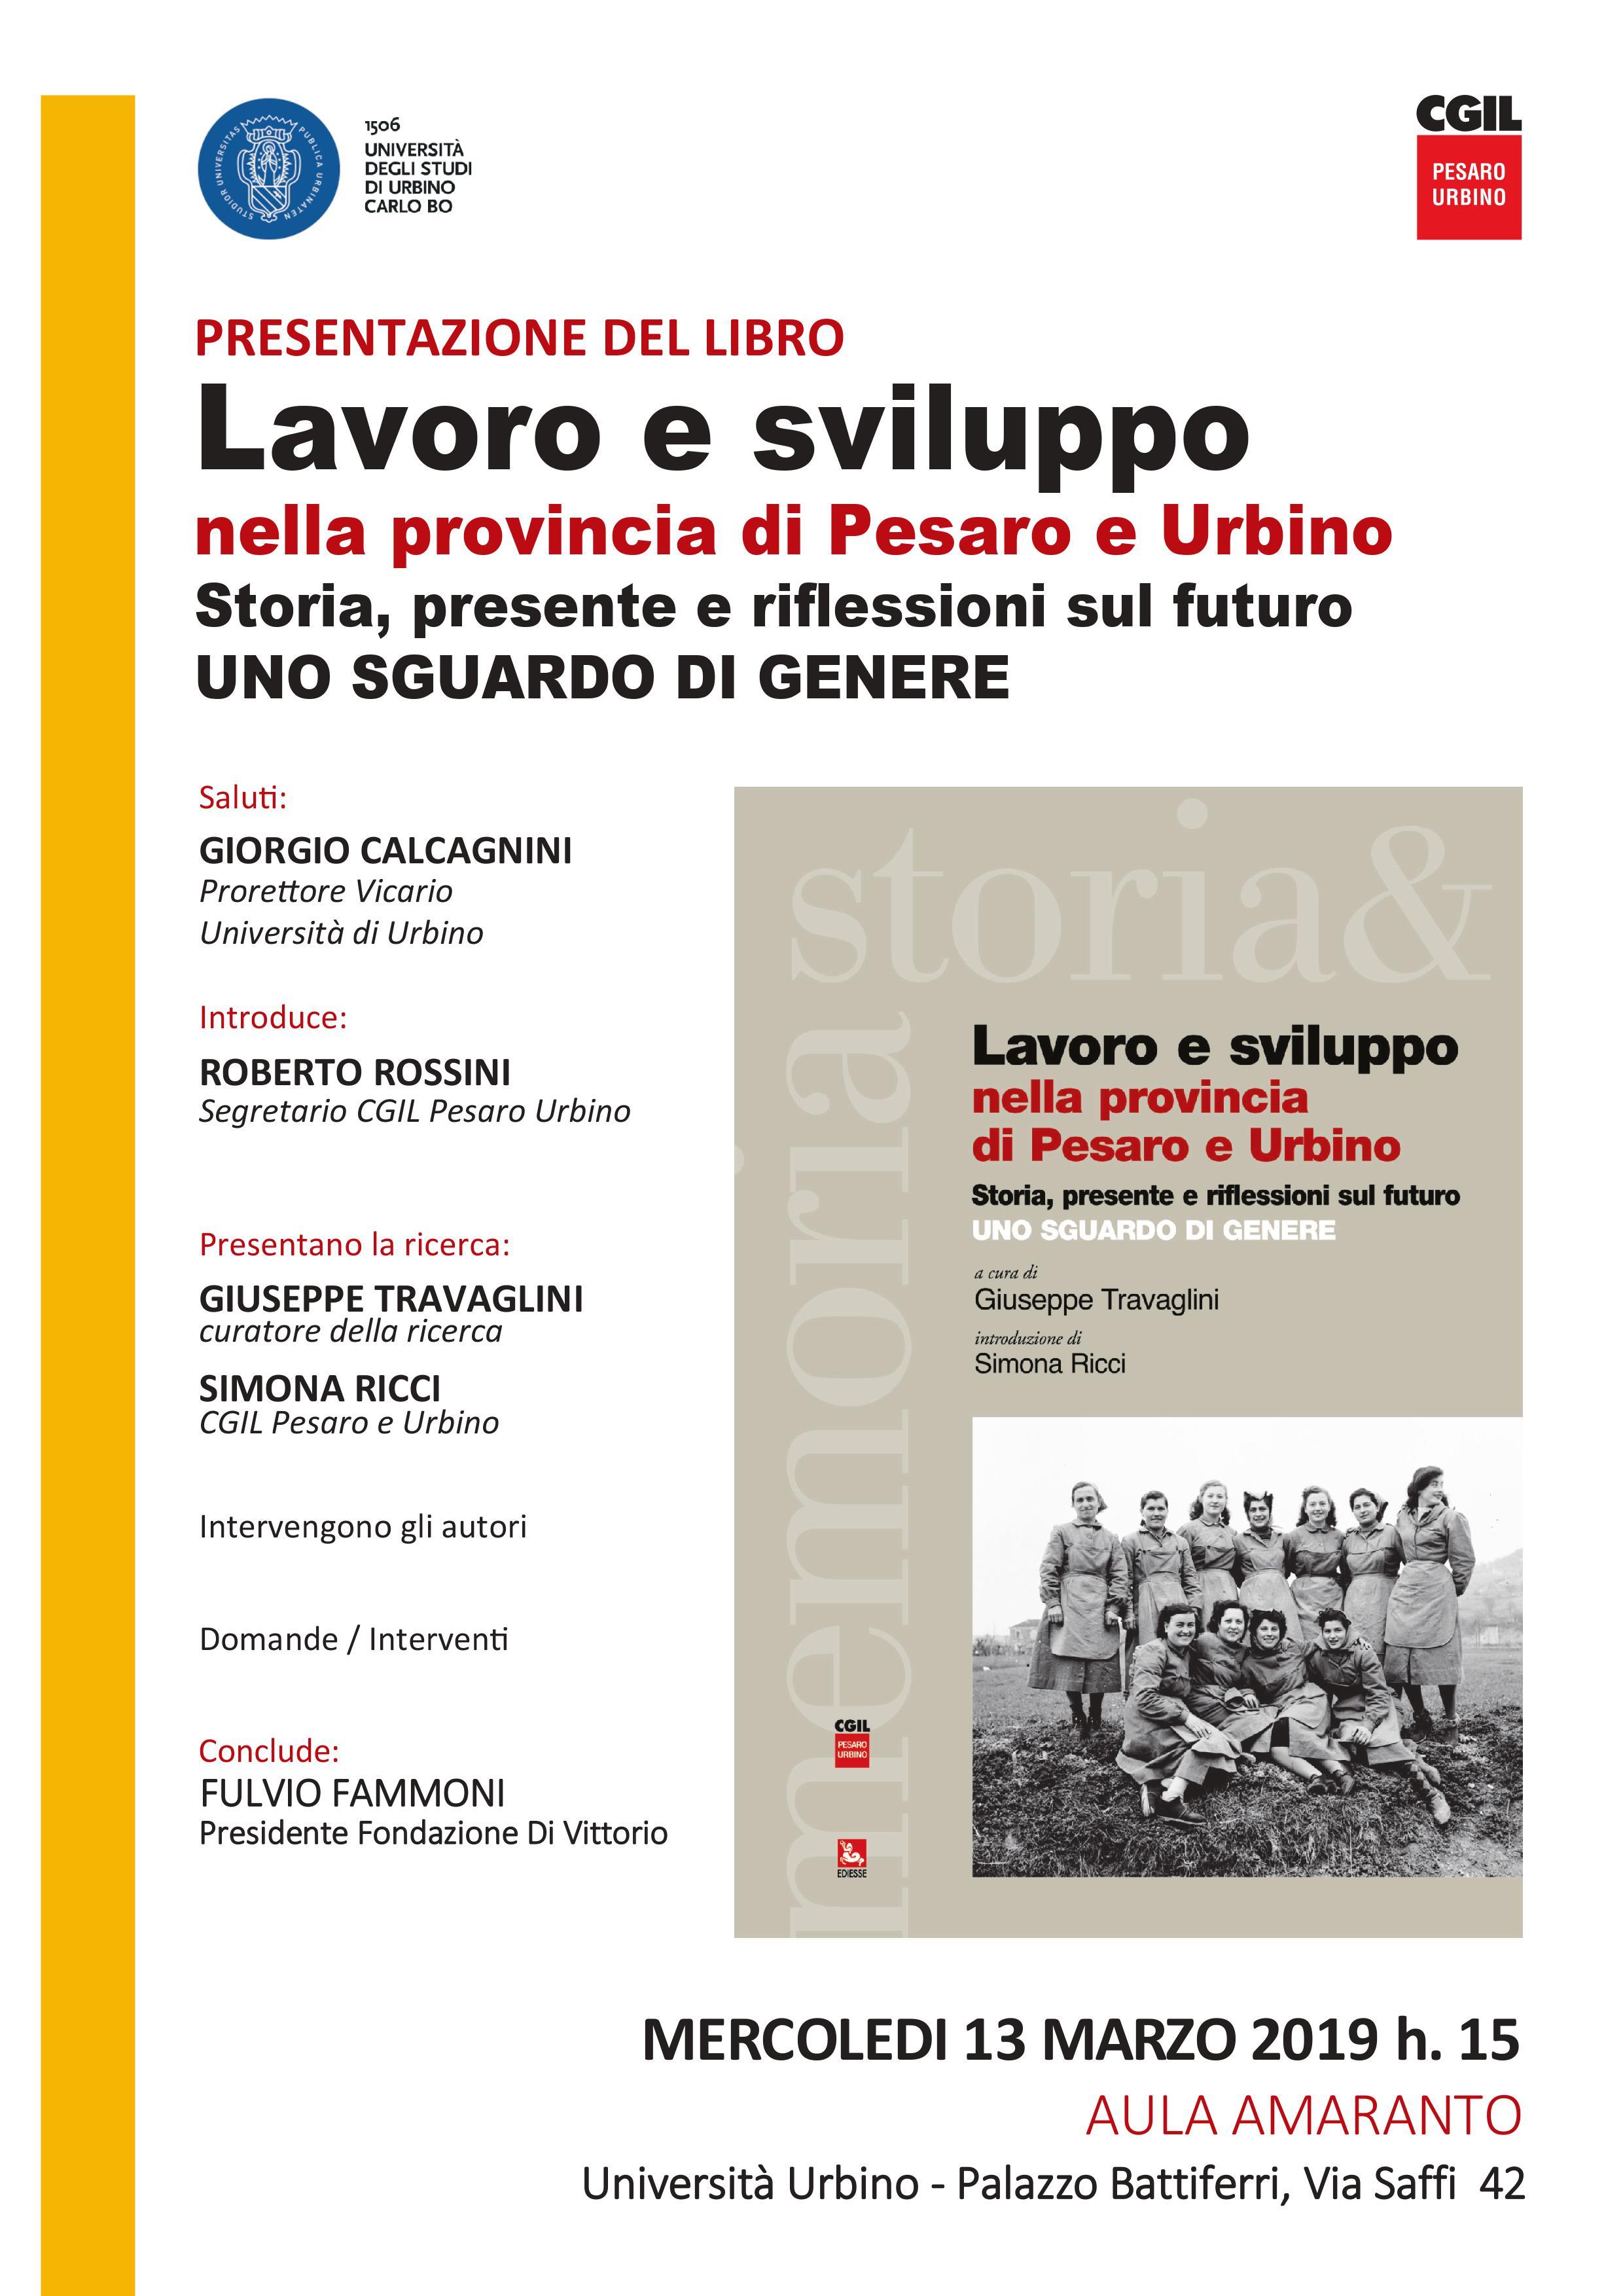 Cgil Pesaro Urbino Lavoro E Sviluppo Nella Provincia Di